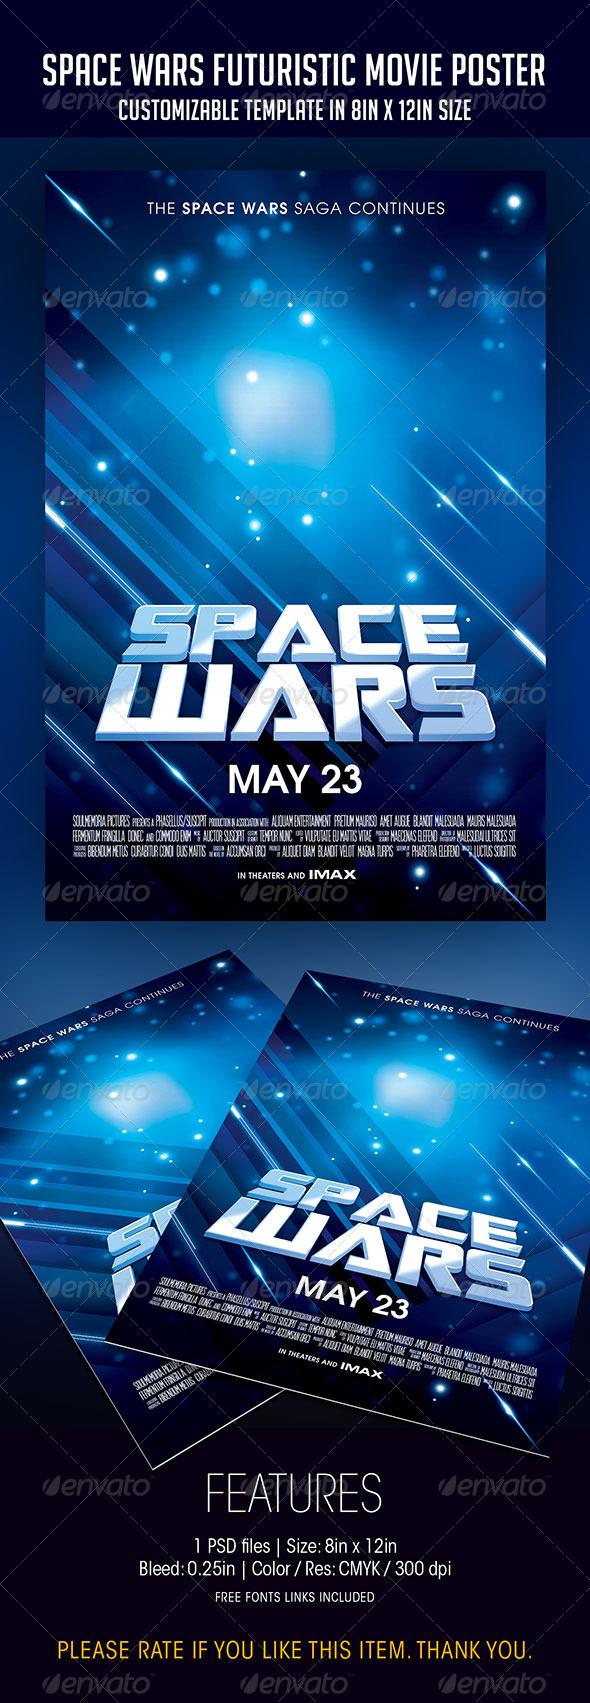 GraphicRiver Space Wars Futuristic Movie Poster 7516639